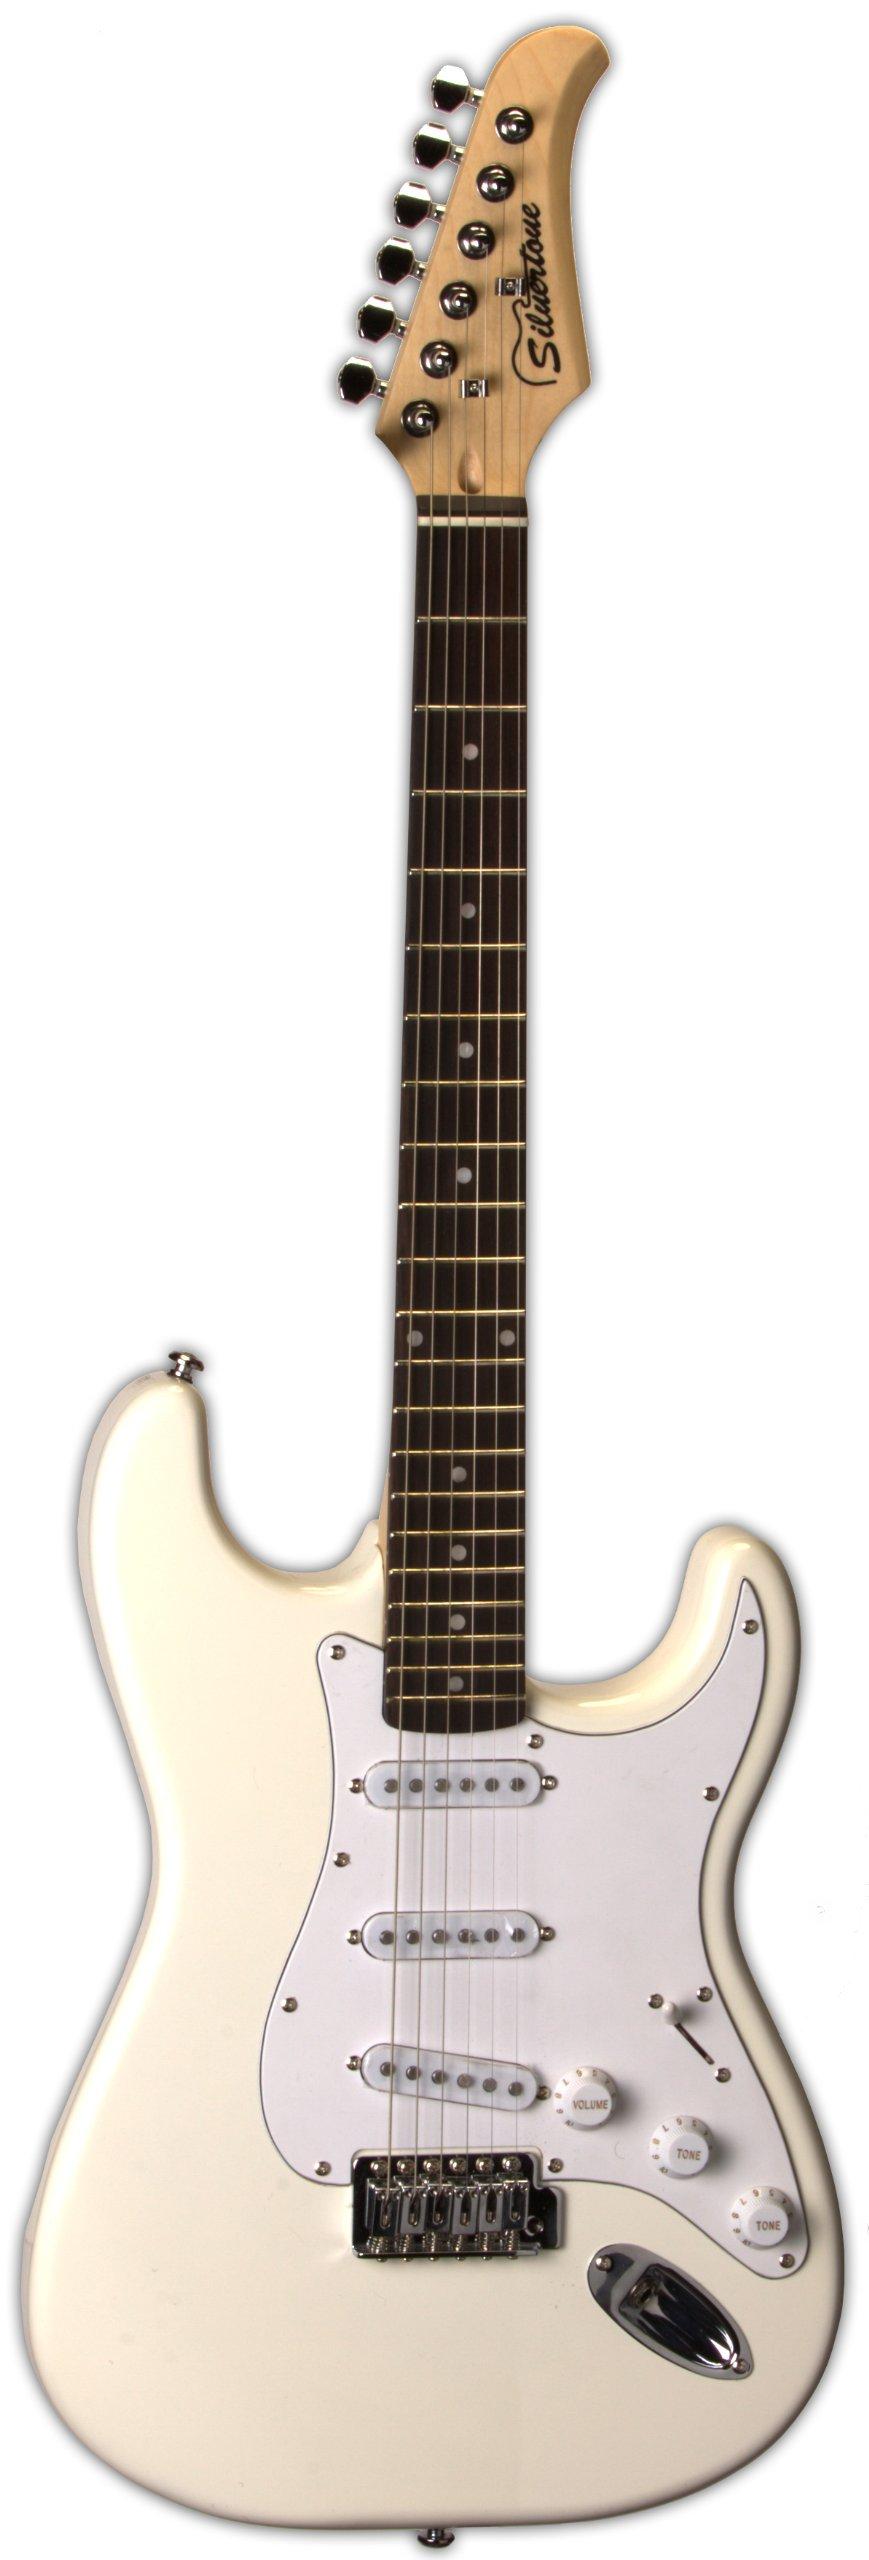 Izlasci silvertone arhitarske gitare